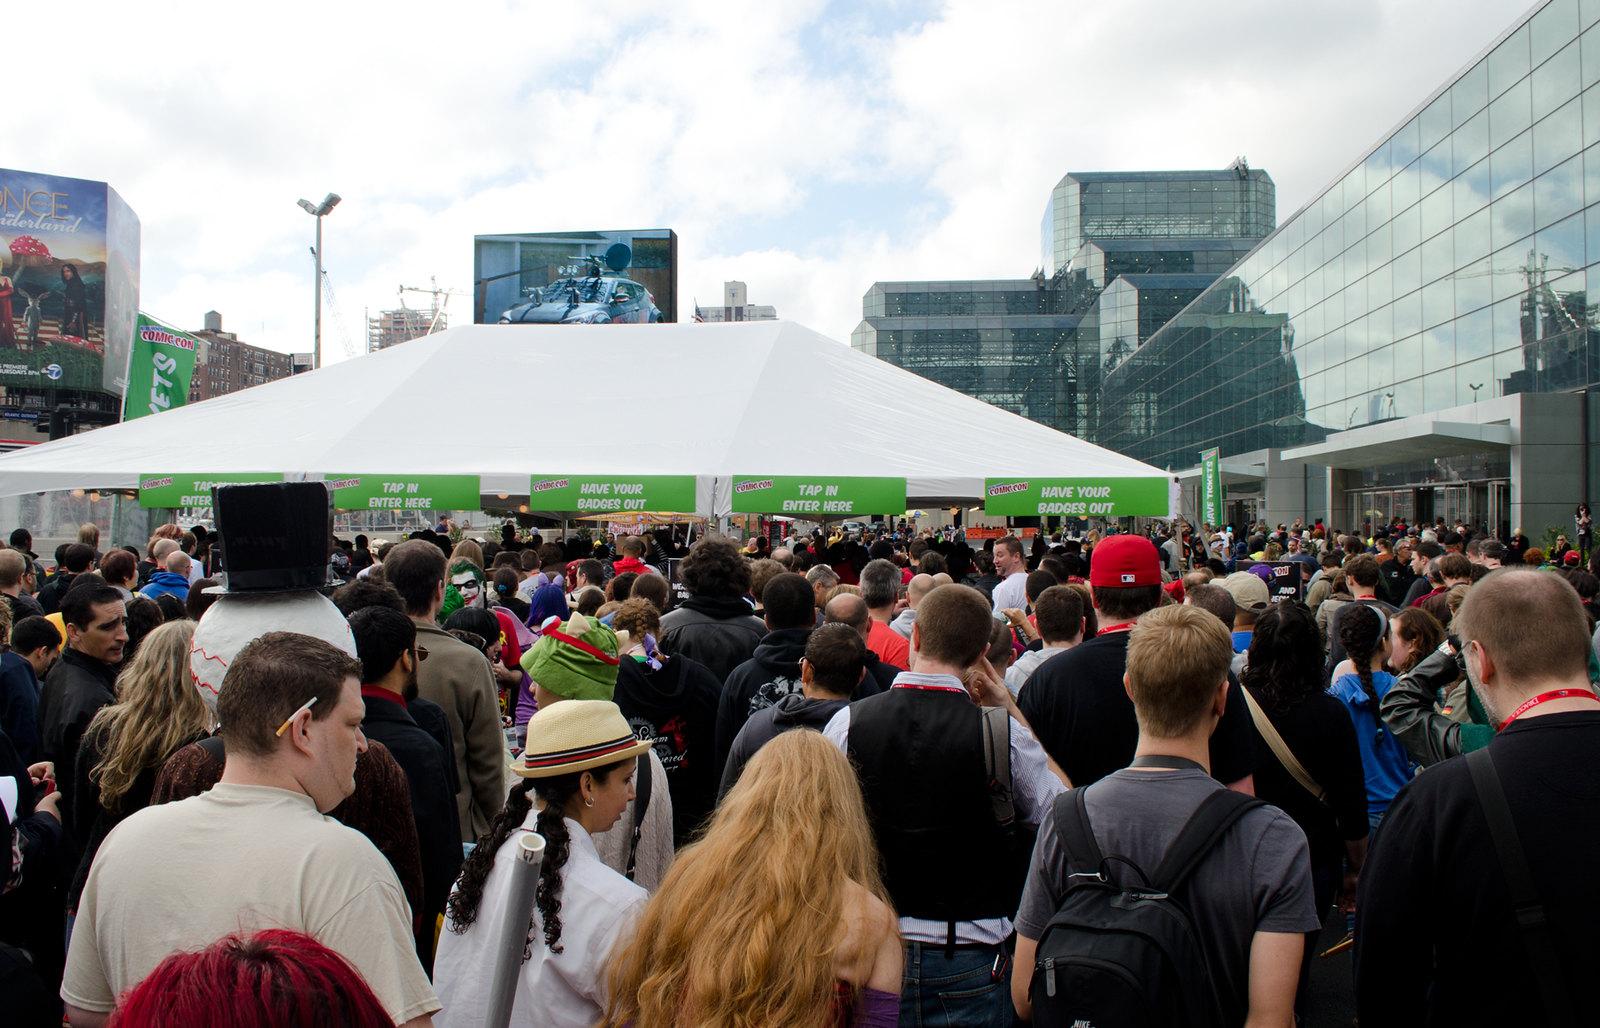 NYCC 2013  Entrance